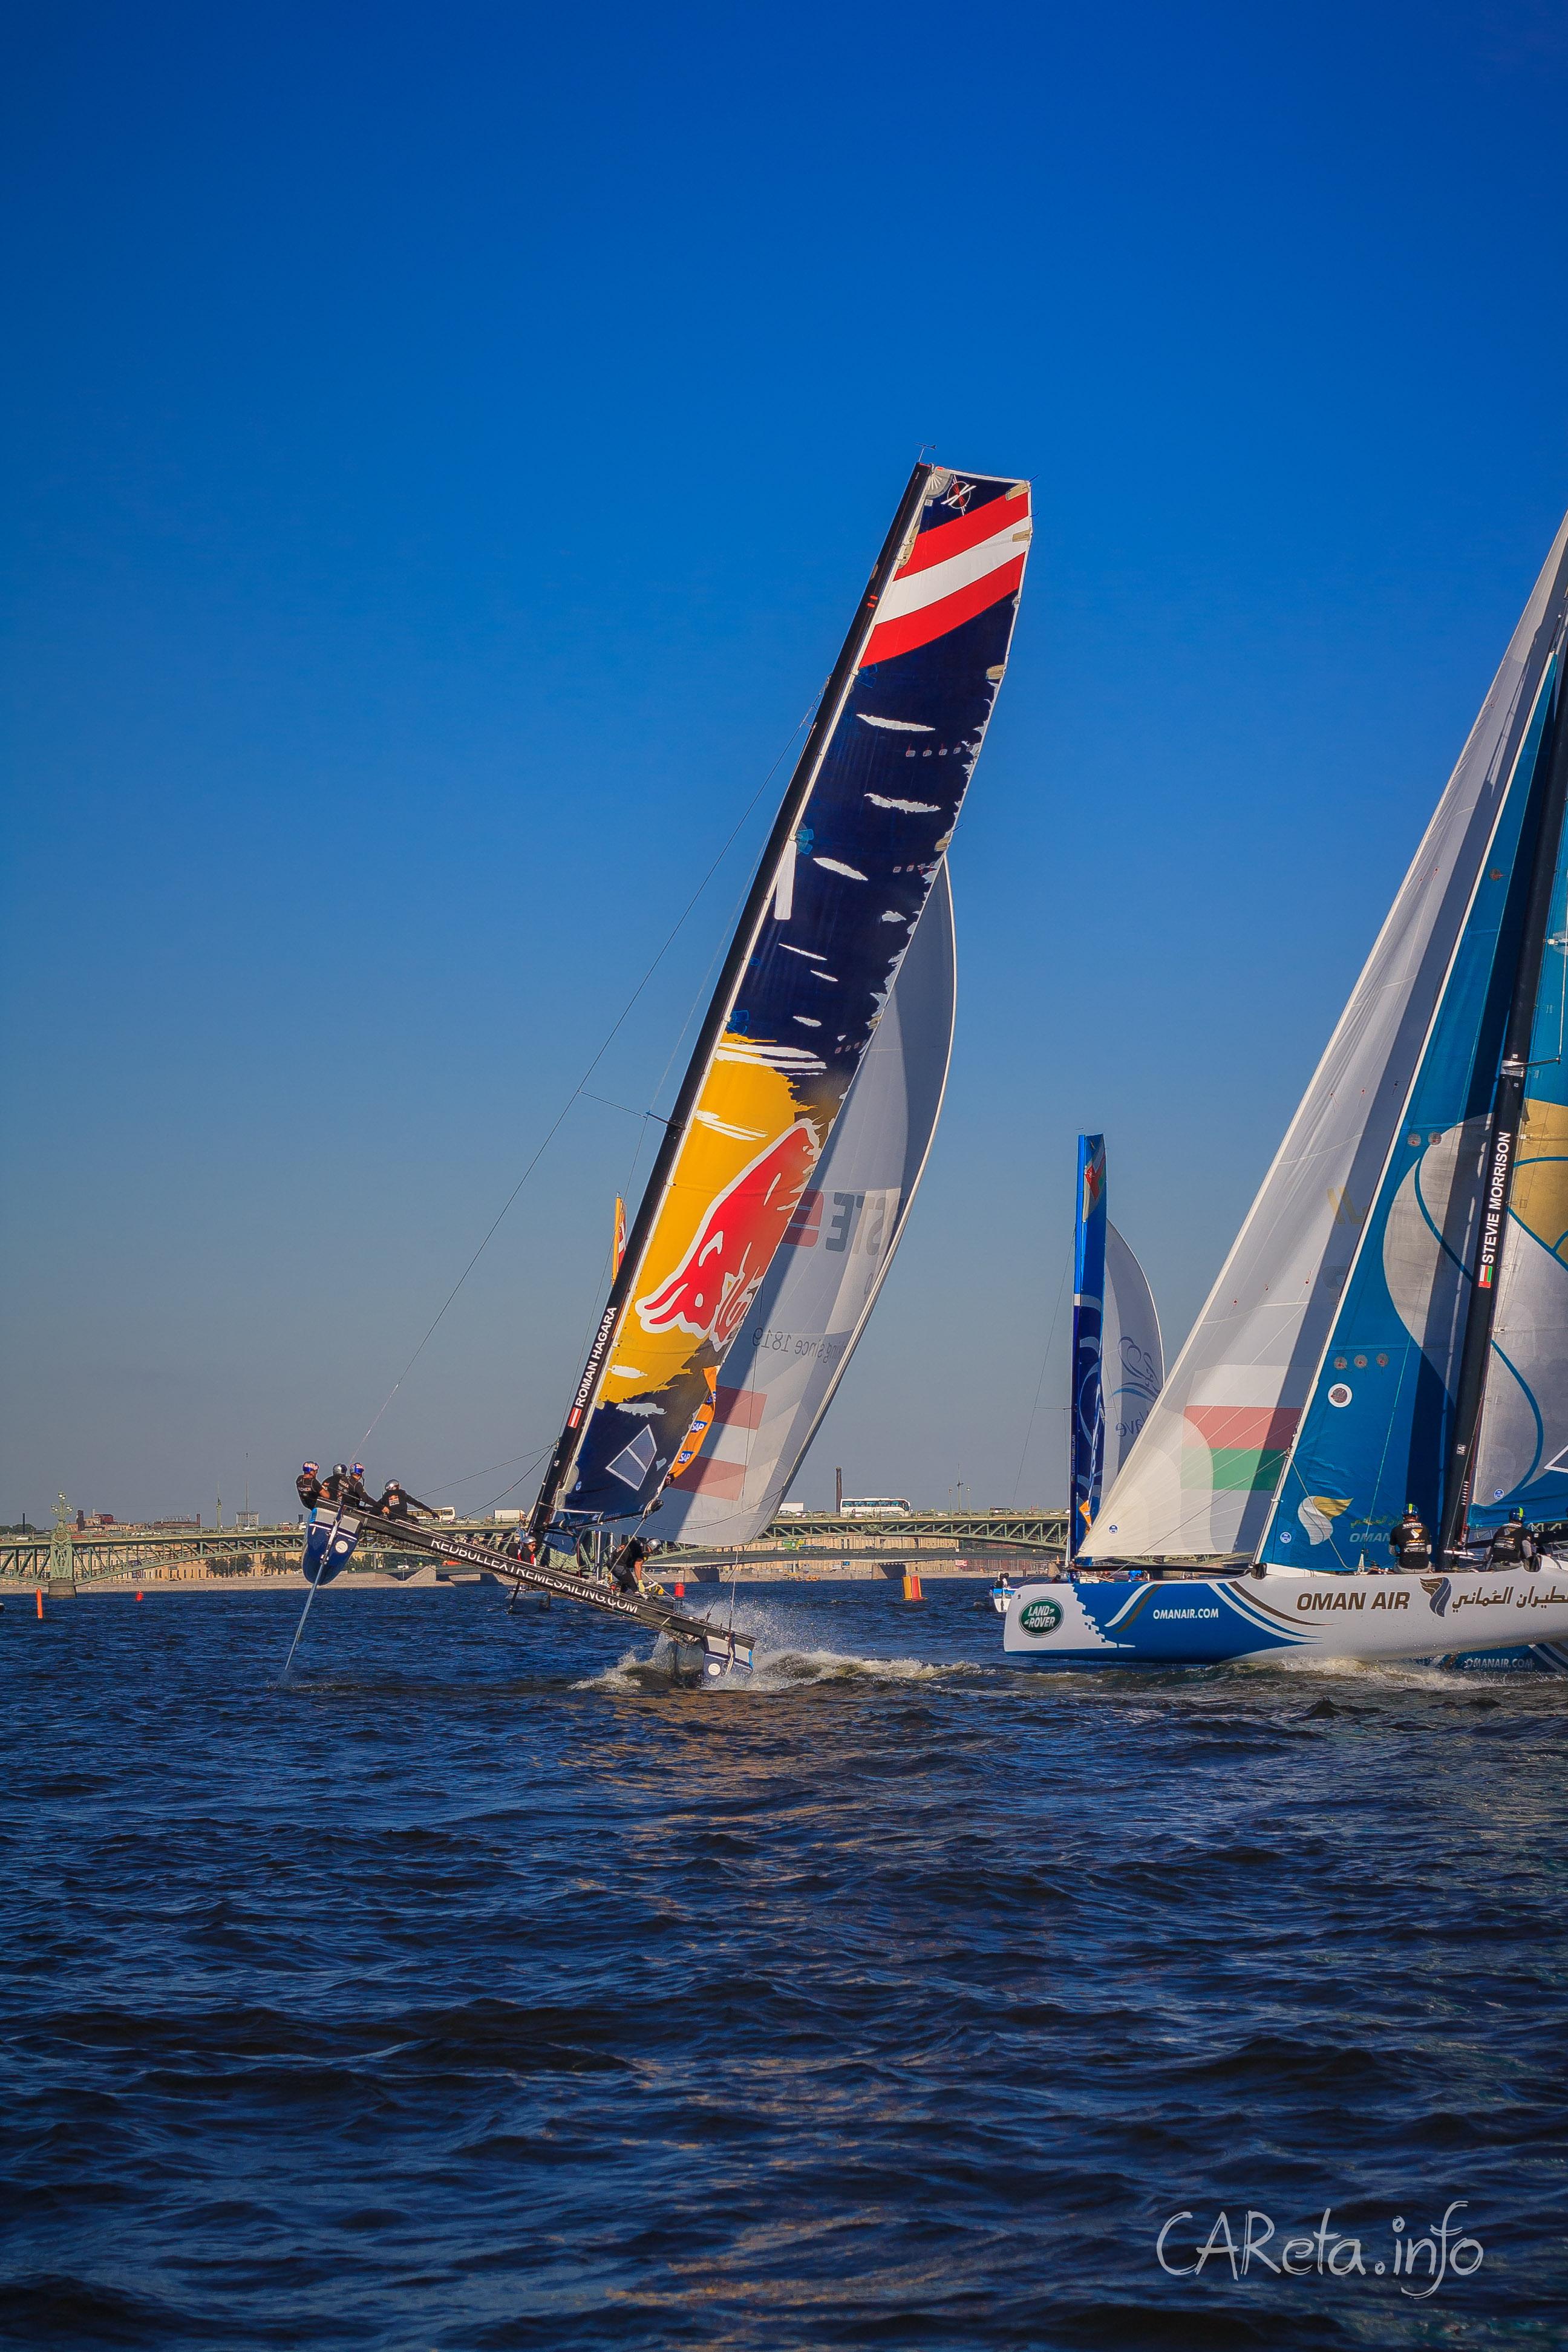 Гонки Extreme Sailing Series  возвращаются в Петербург на «парящих» катамаранах